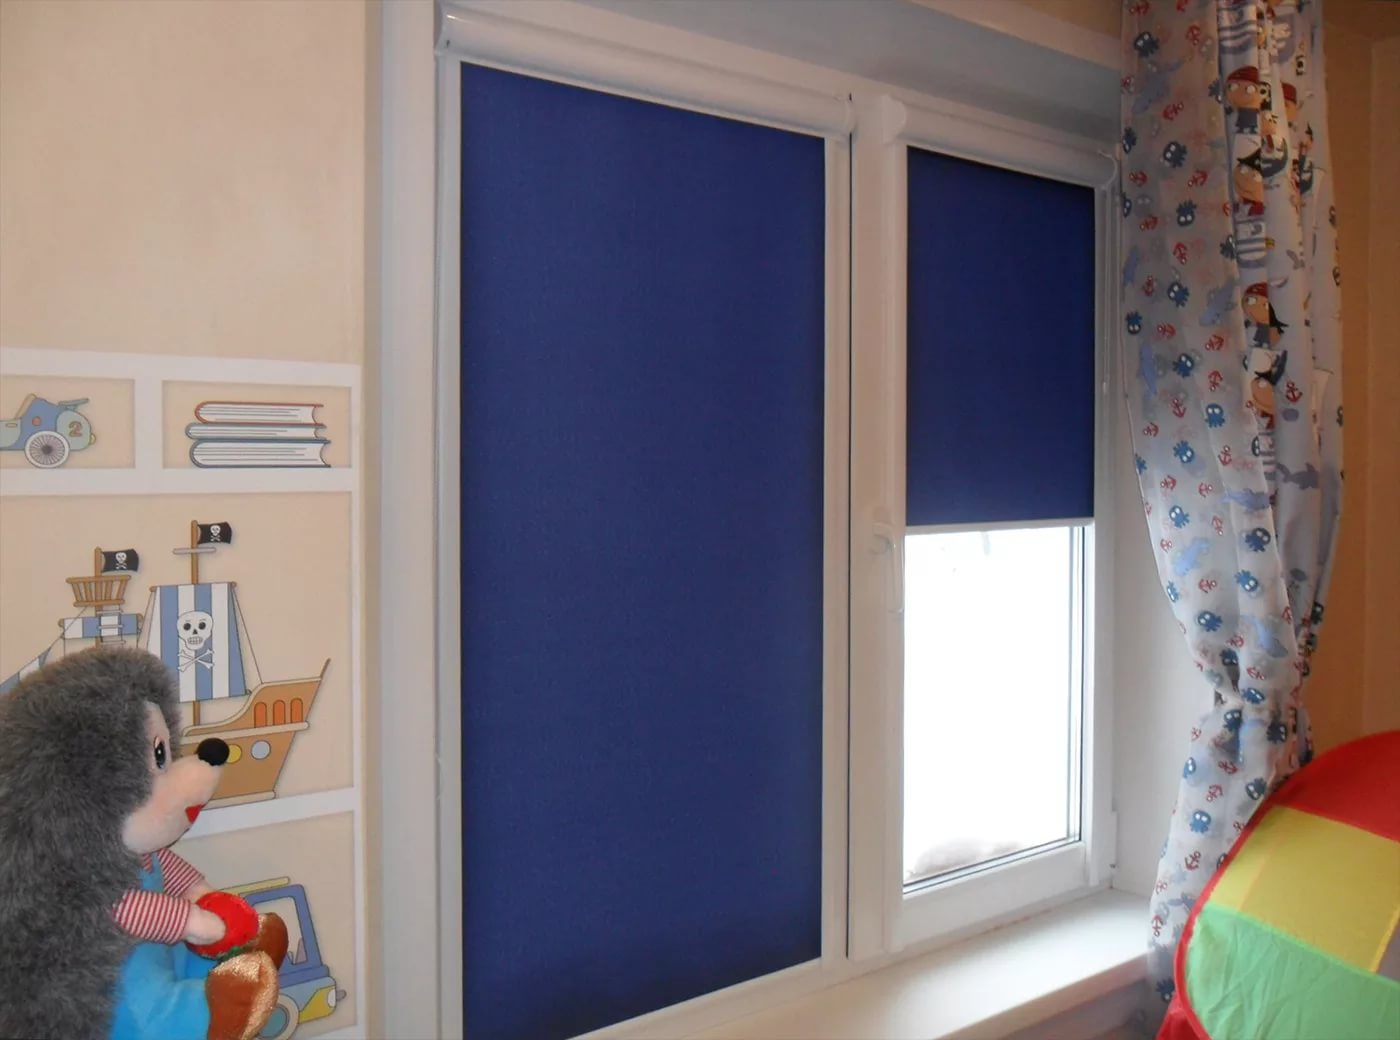 Ялта окна VEKA - изготовление и установка окон и дверей из профиля kassetnye zhalyuzi 8